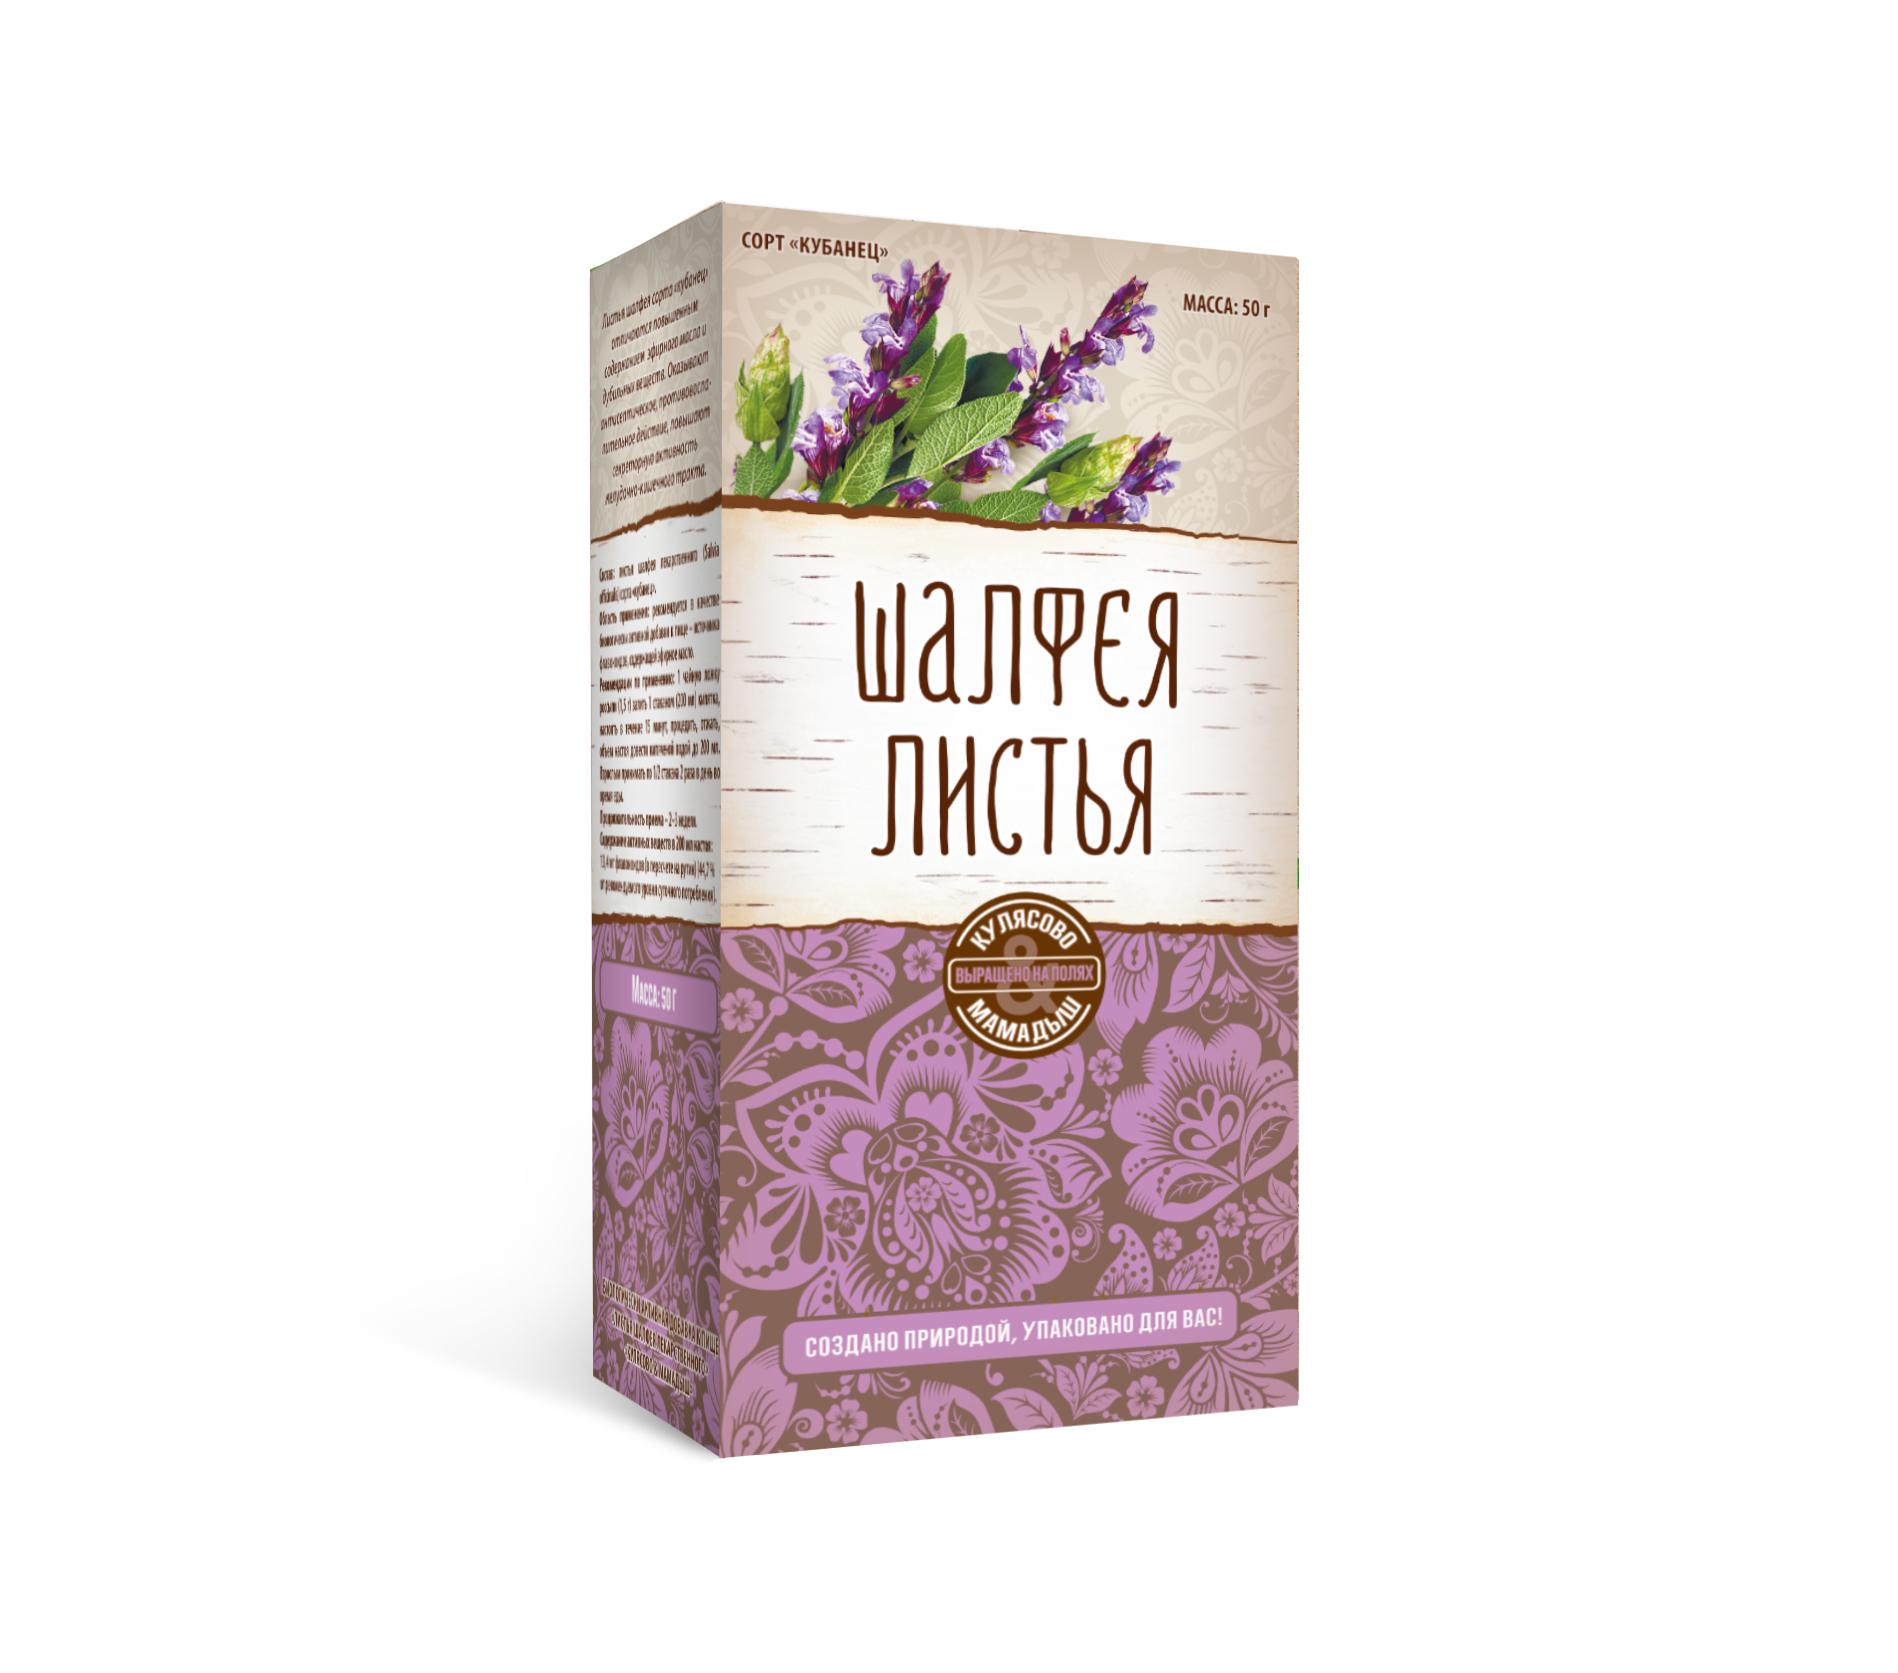 Листья шалфея лекарственного: инструкция по применению, полезные свойства, противопоказания